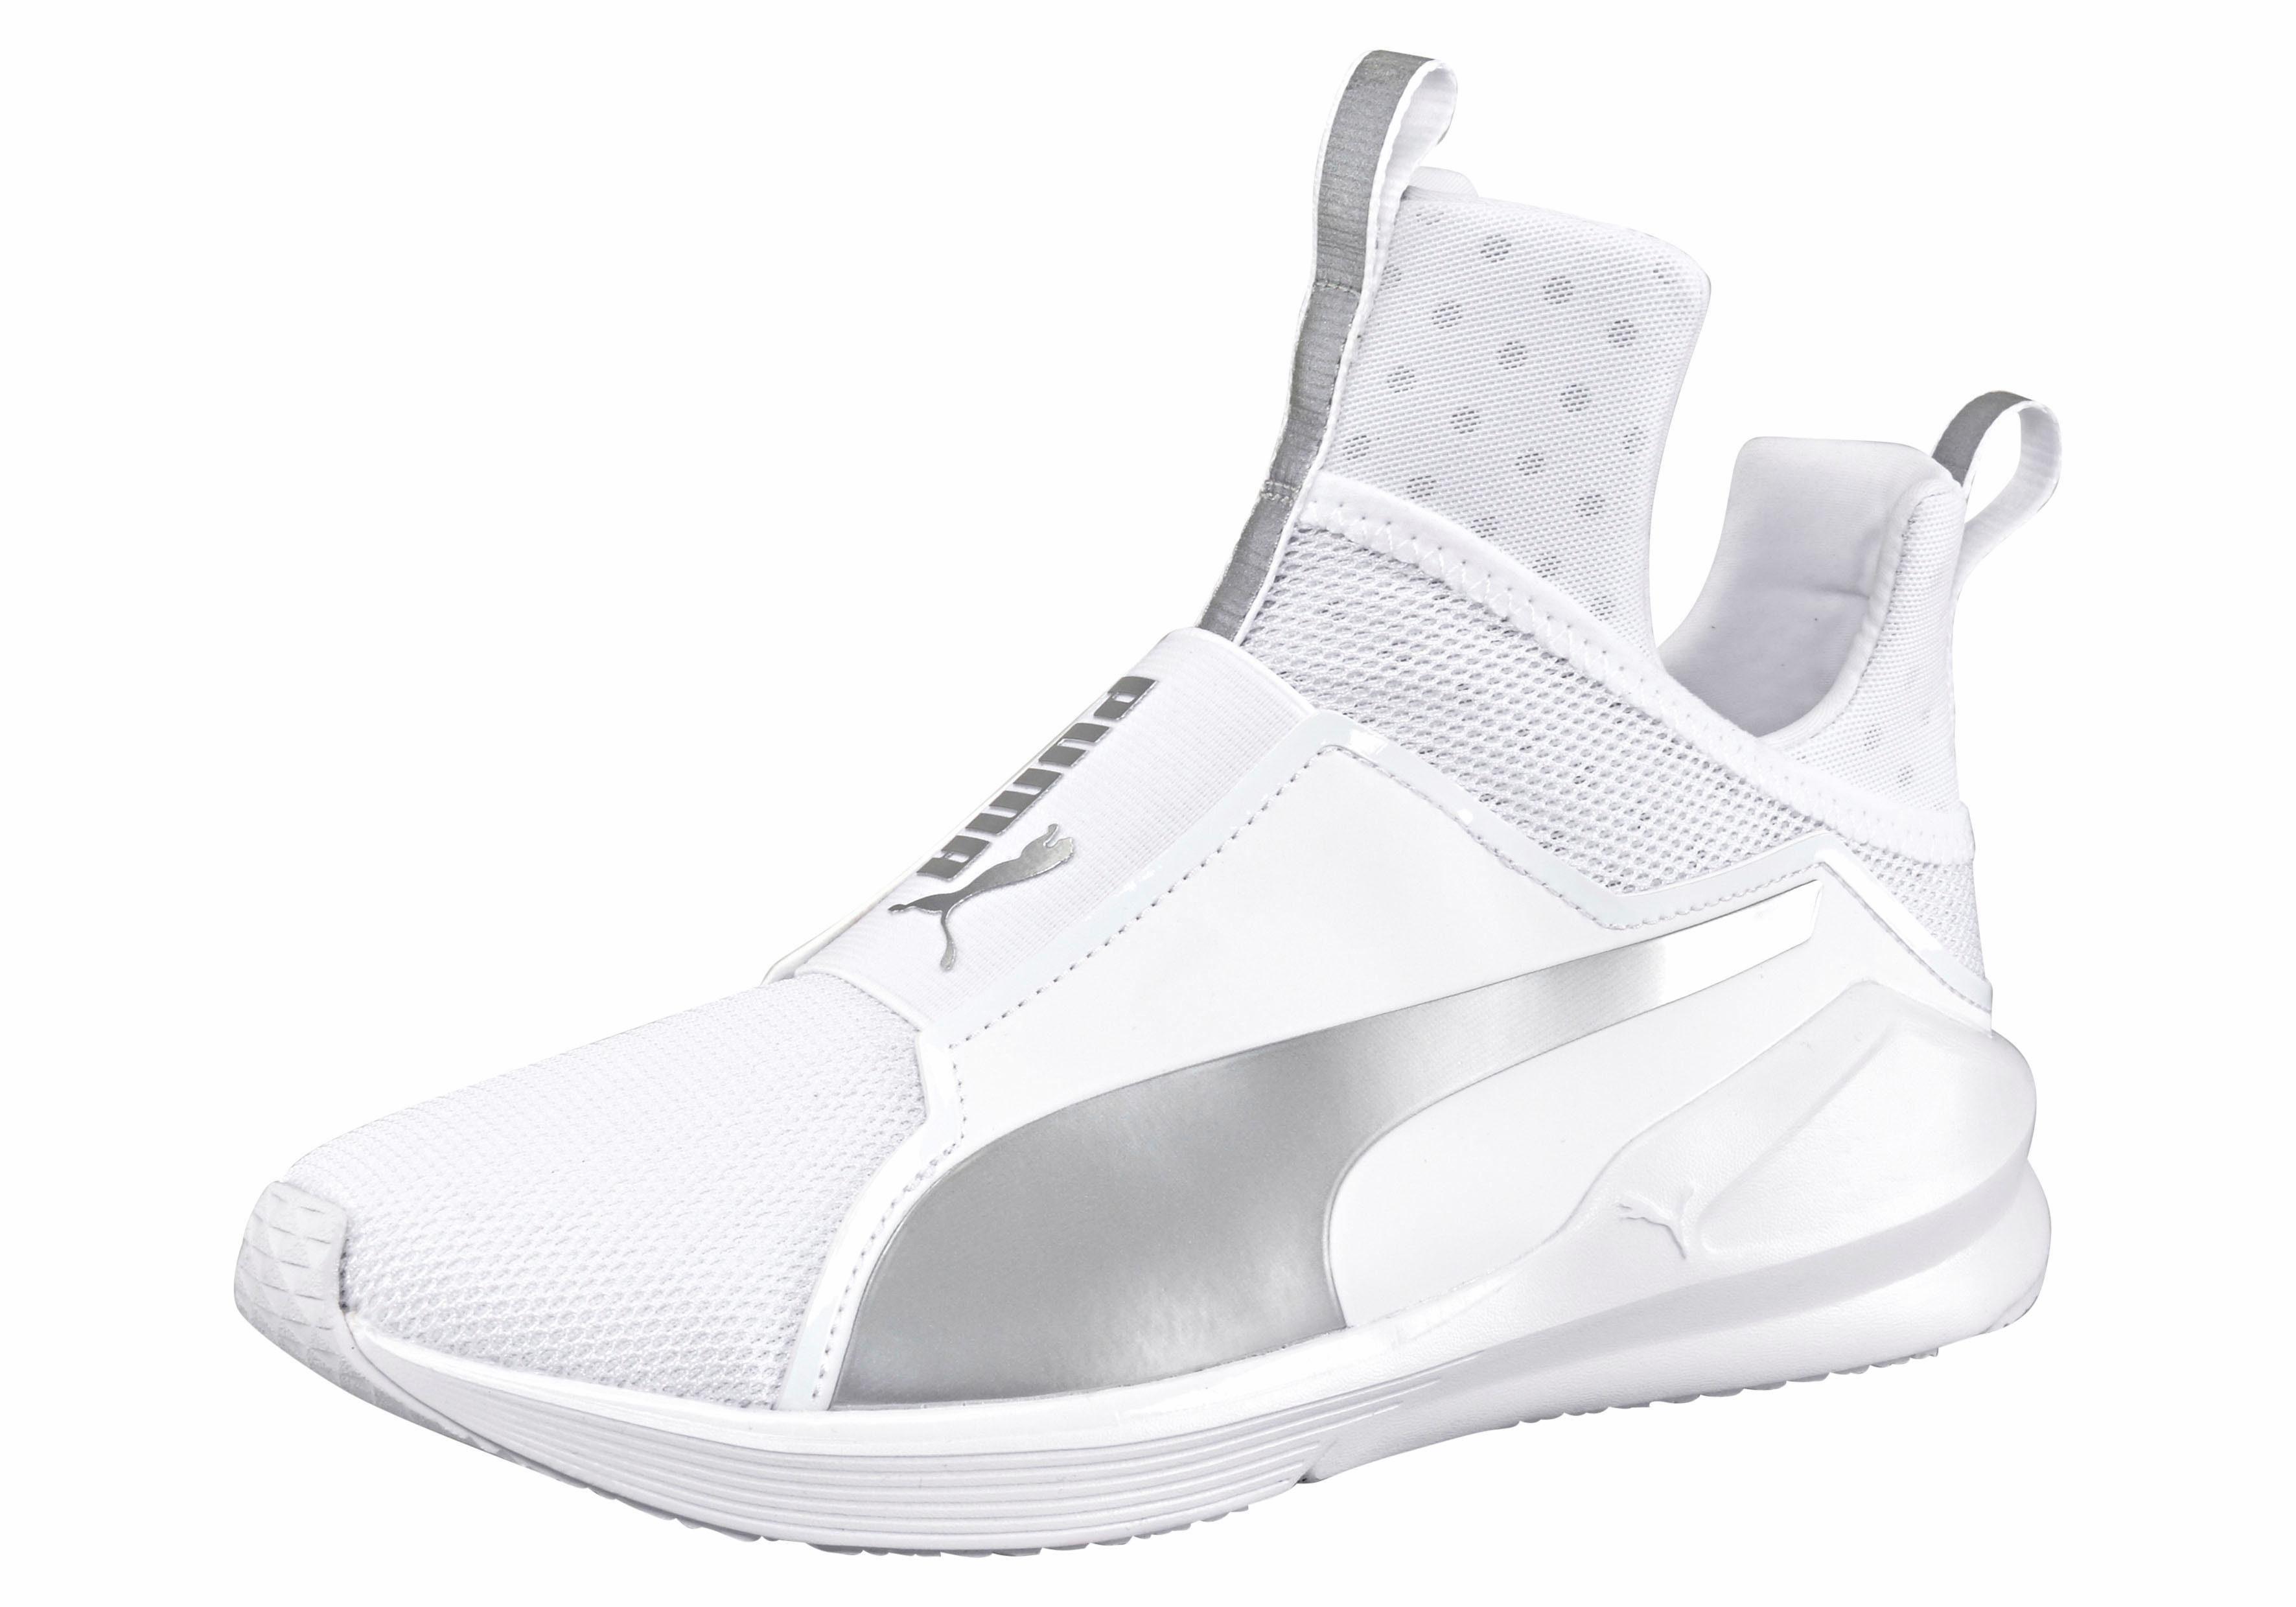 PUMA FIERCE CORE Fitnessschuh online kaufen  weiß-silberfarben